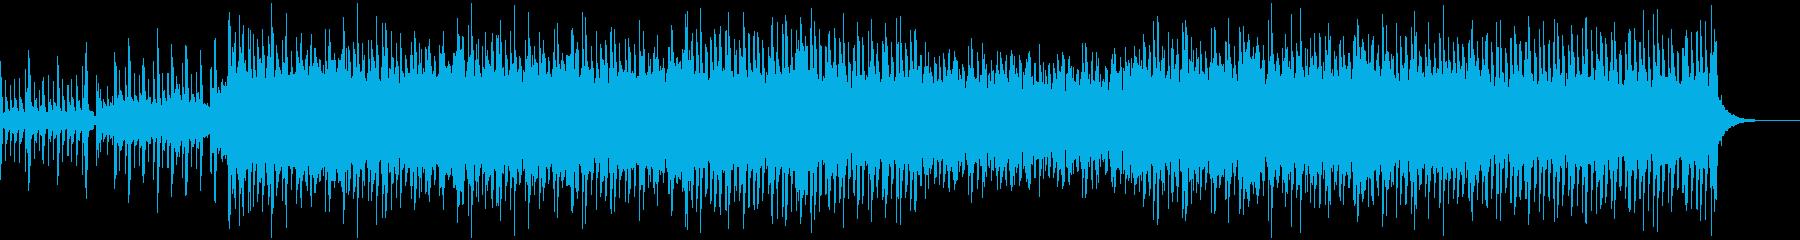 希望をイメージした前向きなBGMの再生済みの波形